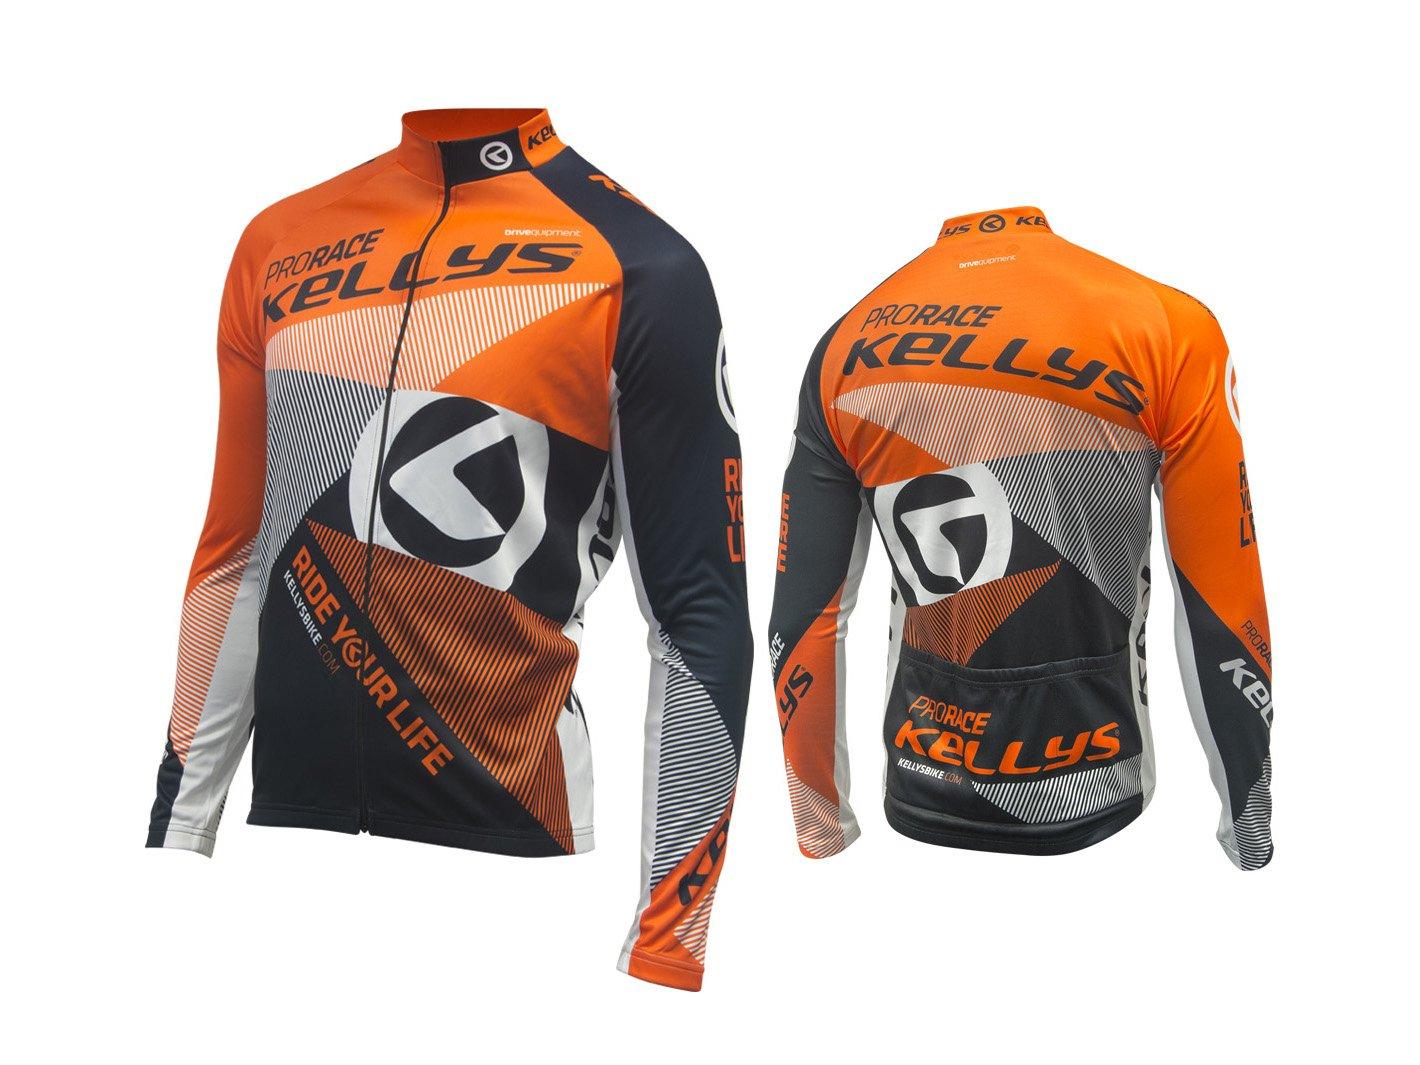 Джерси KELLYS Pro RACE, с длинным рукавом, оранжевый, S (Размер S)